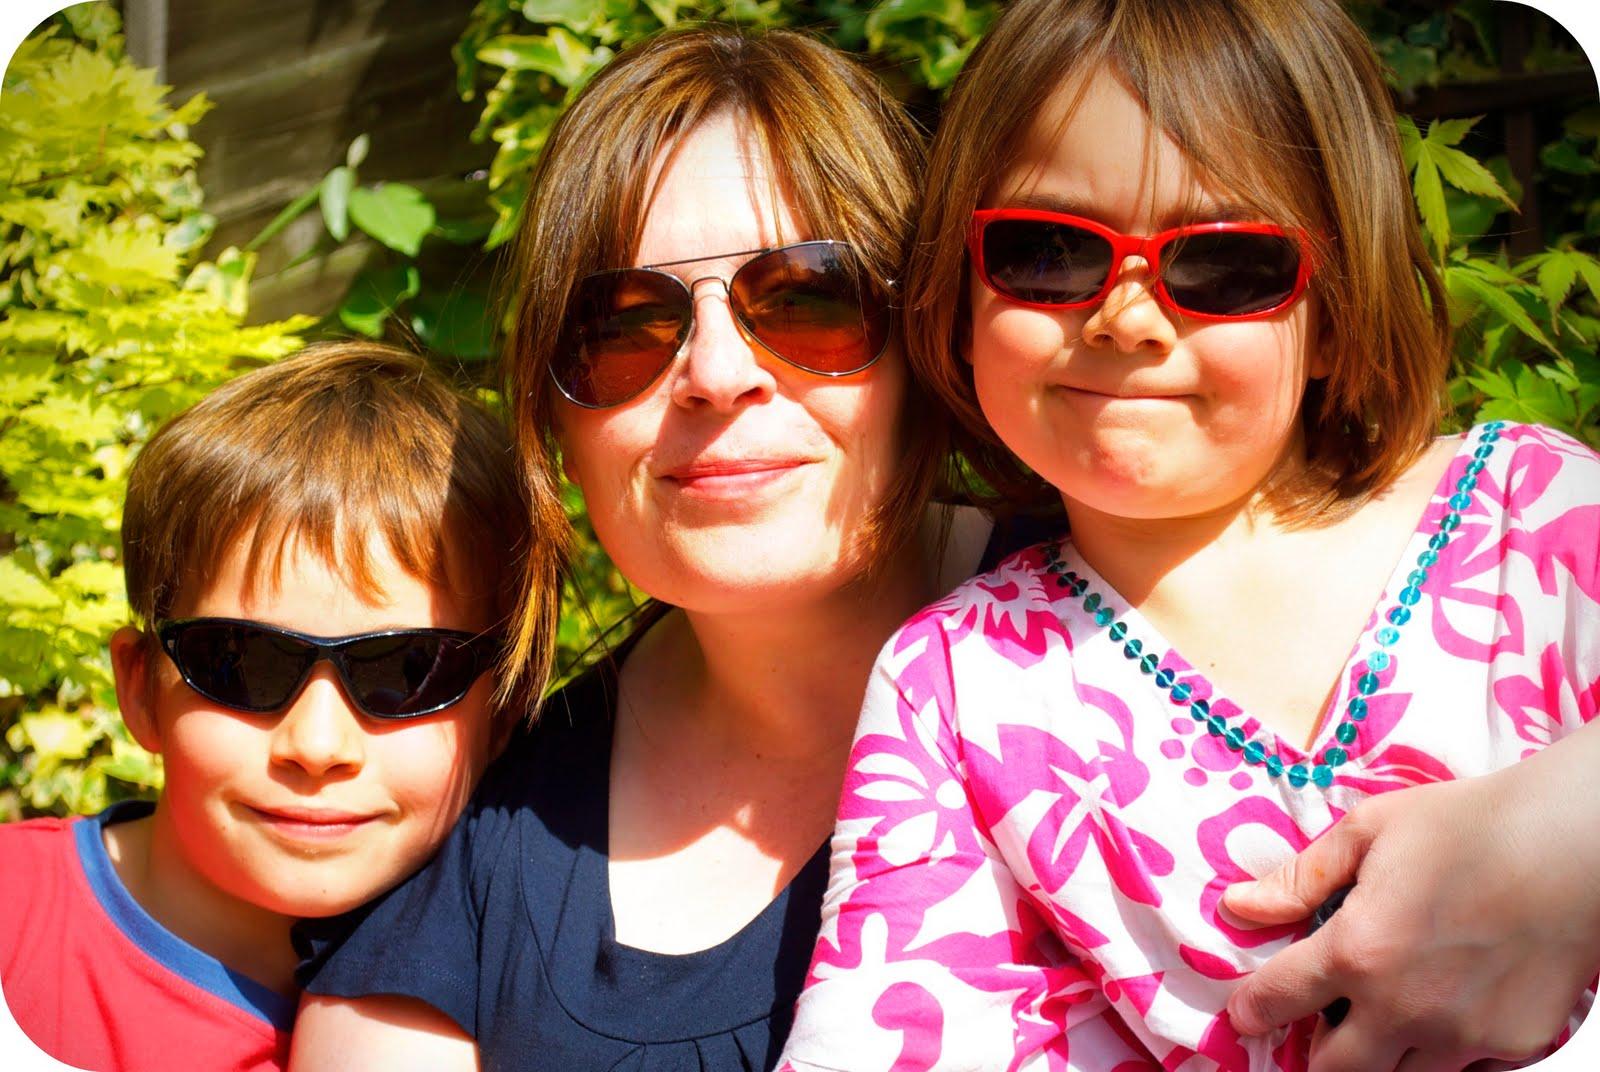 http://4.bp.blogspot.com/-T1wxidrf3Tk/Tb8NRe-JyQI/AAAAAAAABr4/dB_rw3YOBLk/s1600/sunglasses.jpg